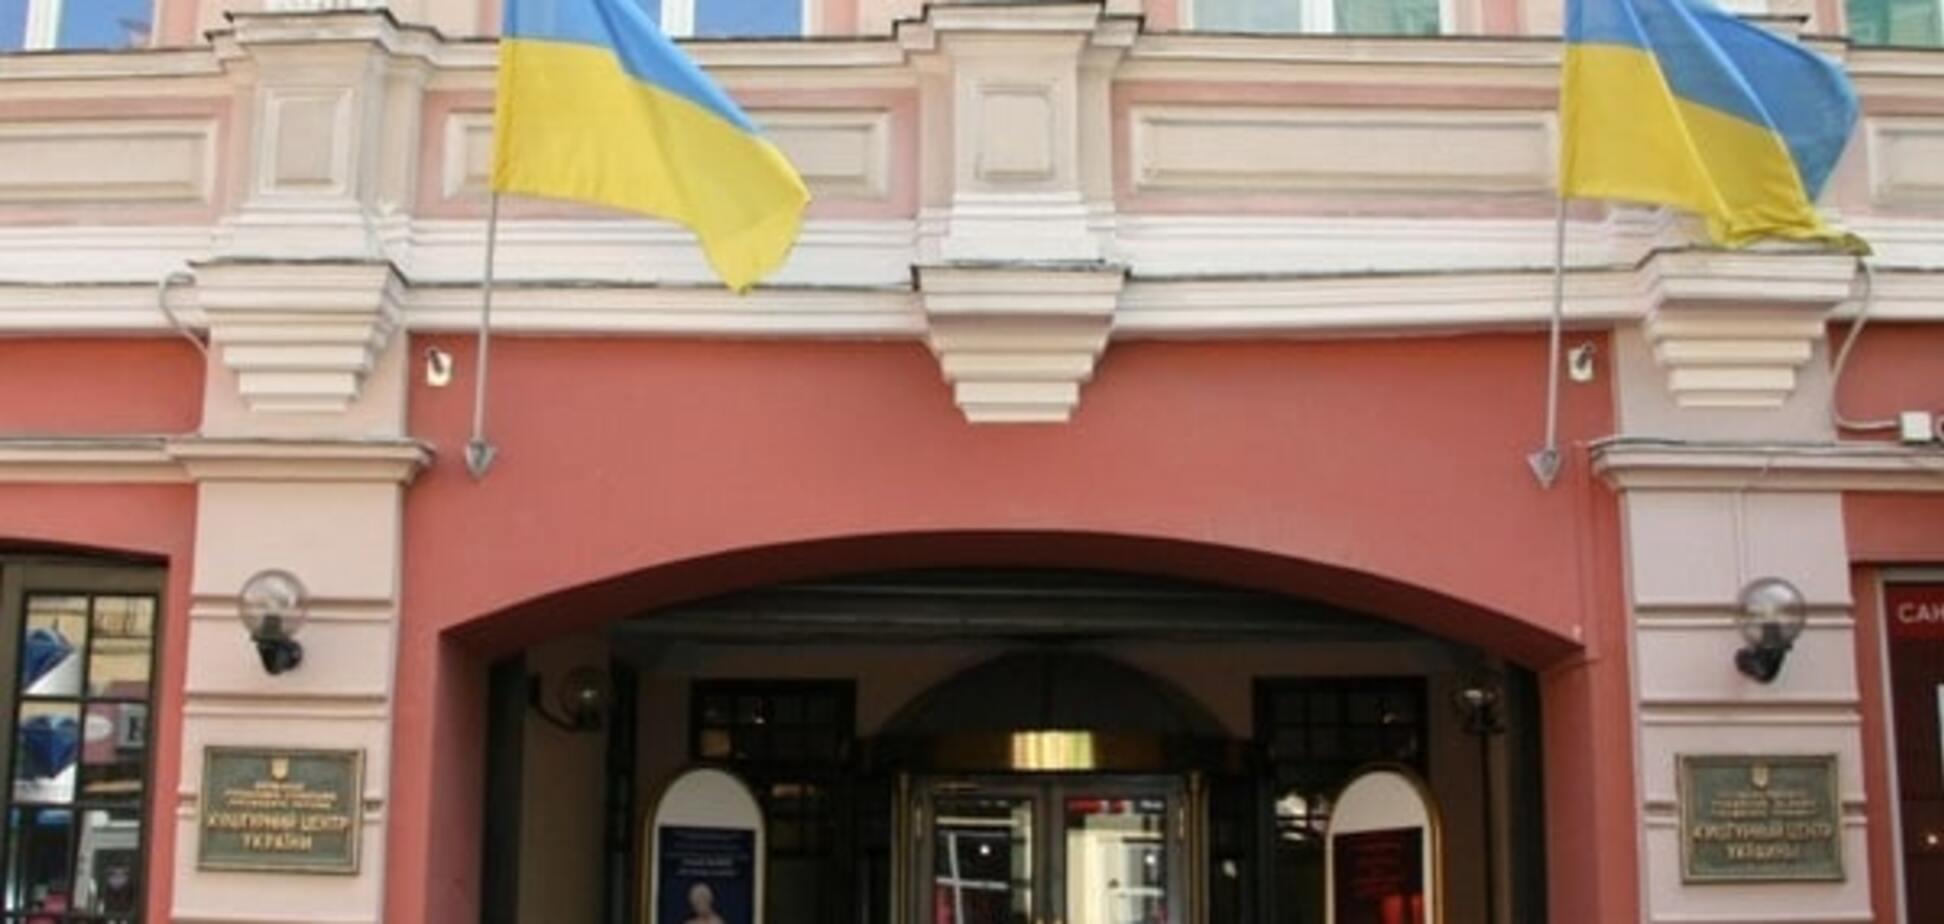 Терористи чинять опір: стали відомі подробиці про те, що відбувається в Культурному центрі України